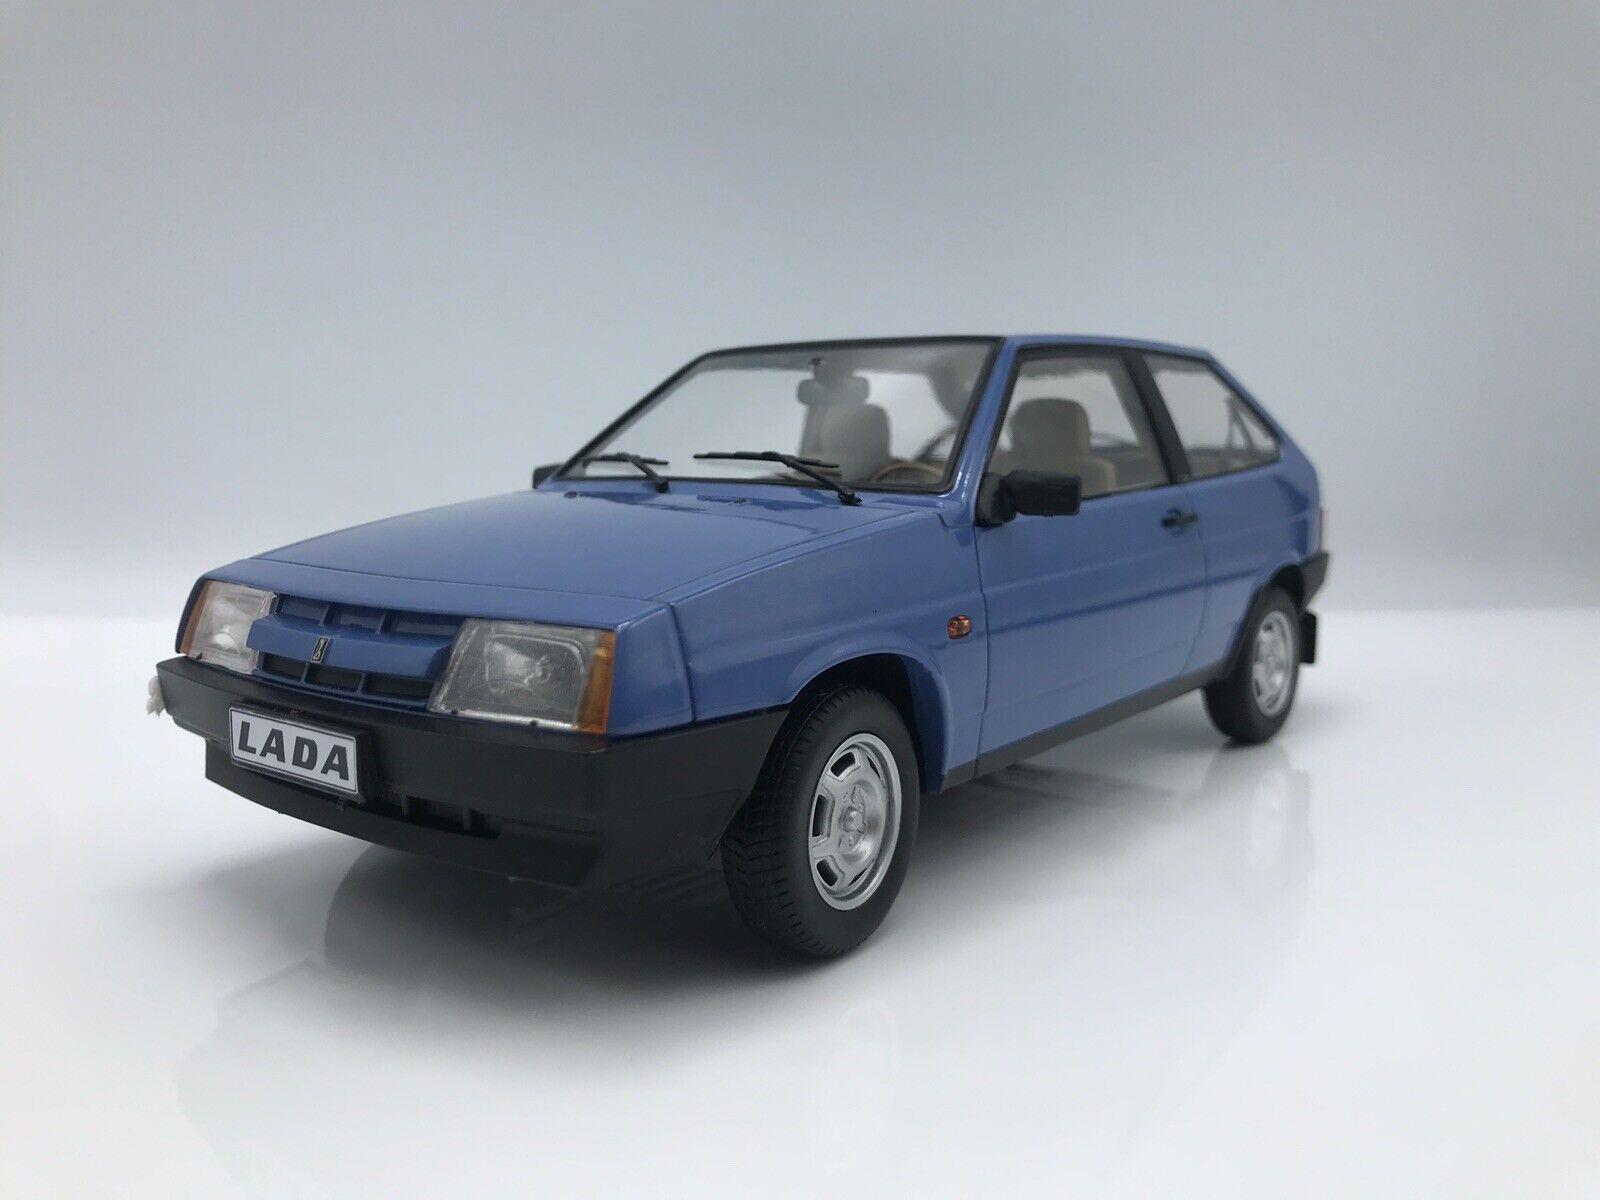 Lada Samara 1984 Bleu - 1 18 KK-Scale  New